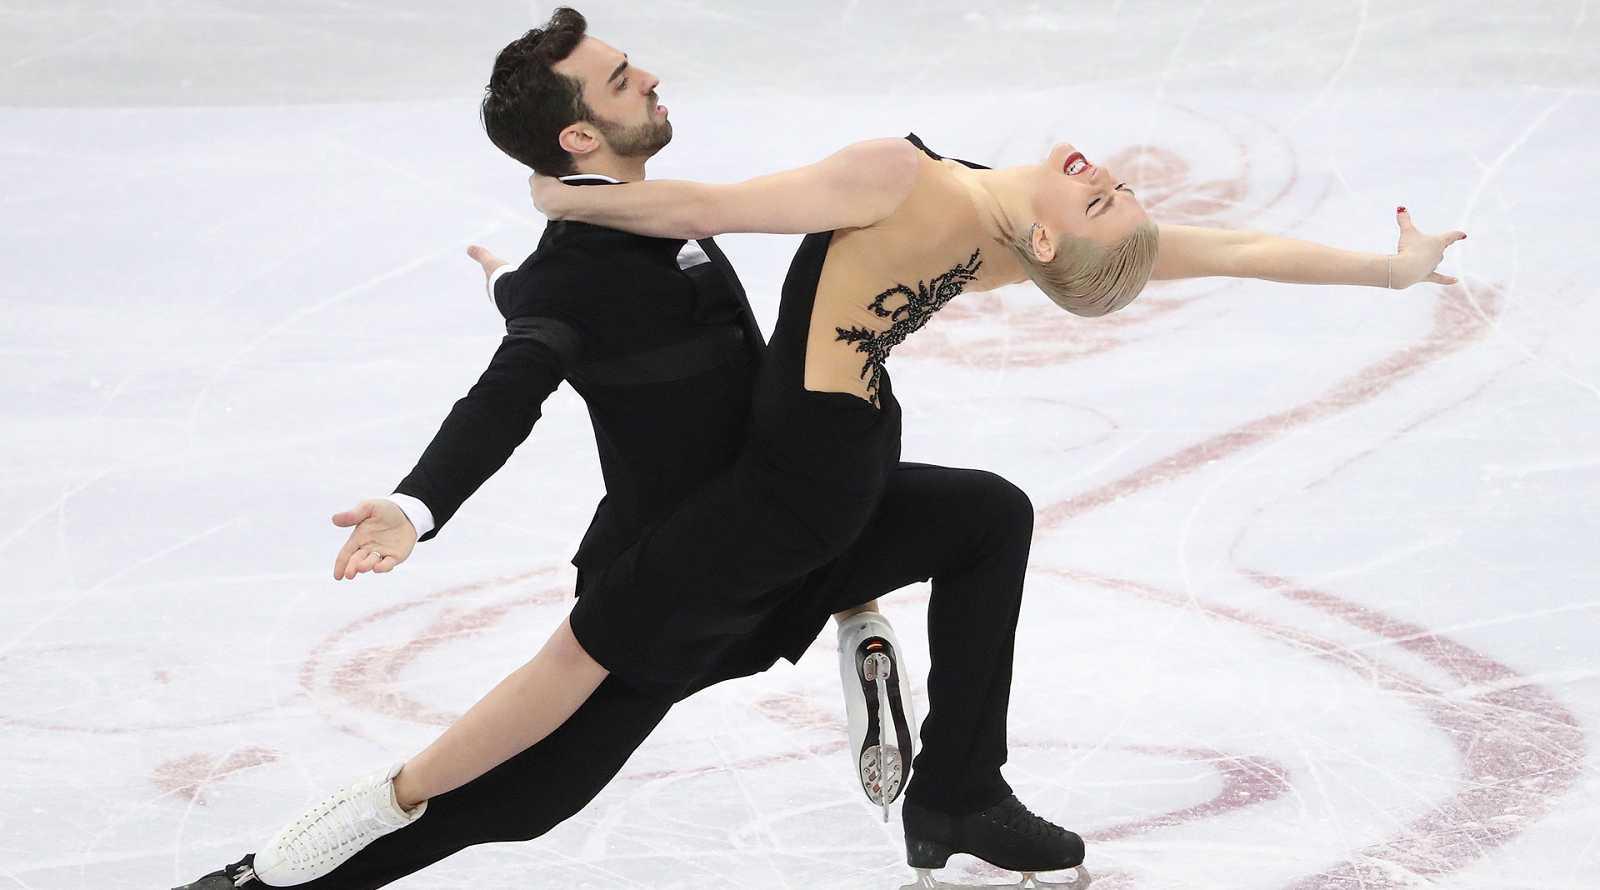 Tras quedar sextos y octavos respectivamente, las parejas formadas por Smart y Díaz, y Hurtado y Jalyavin, se han clasificado para el programa libre de este sábado en el Europeo de patinaje.